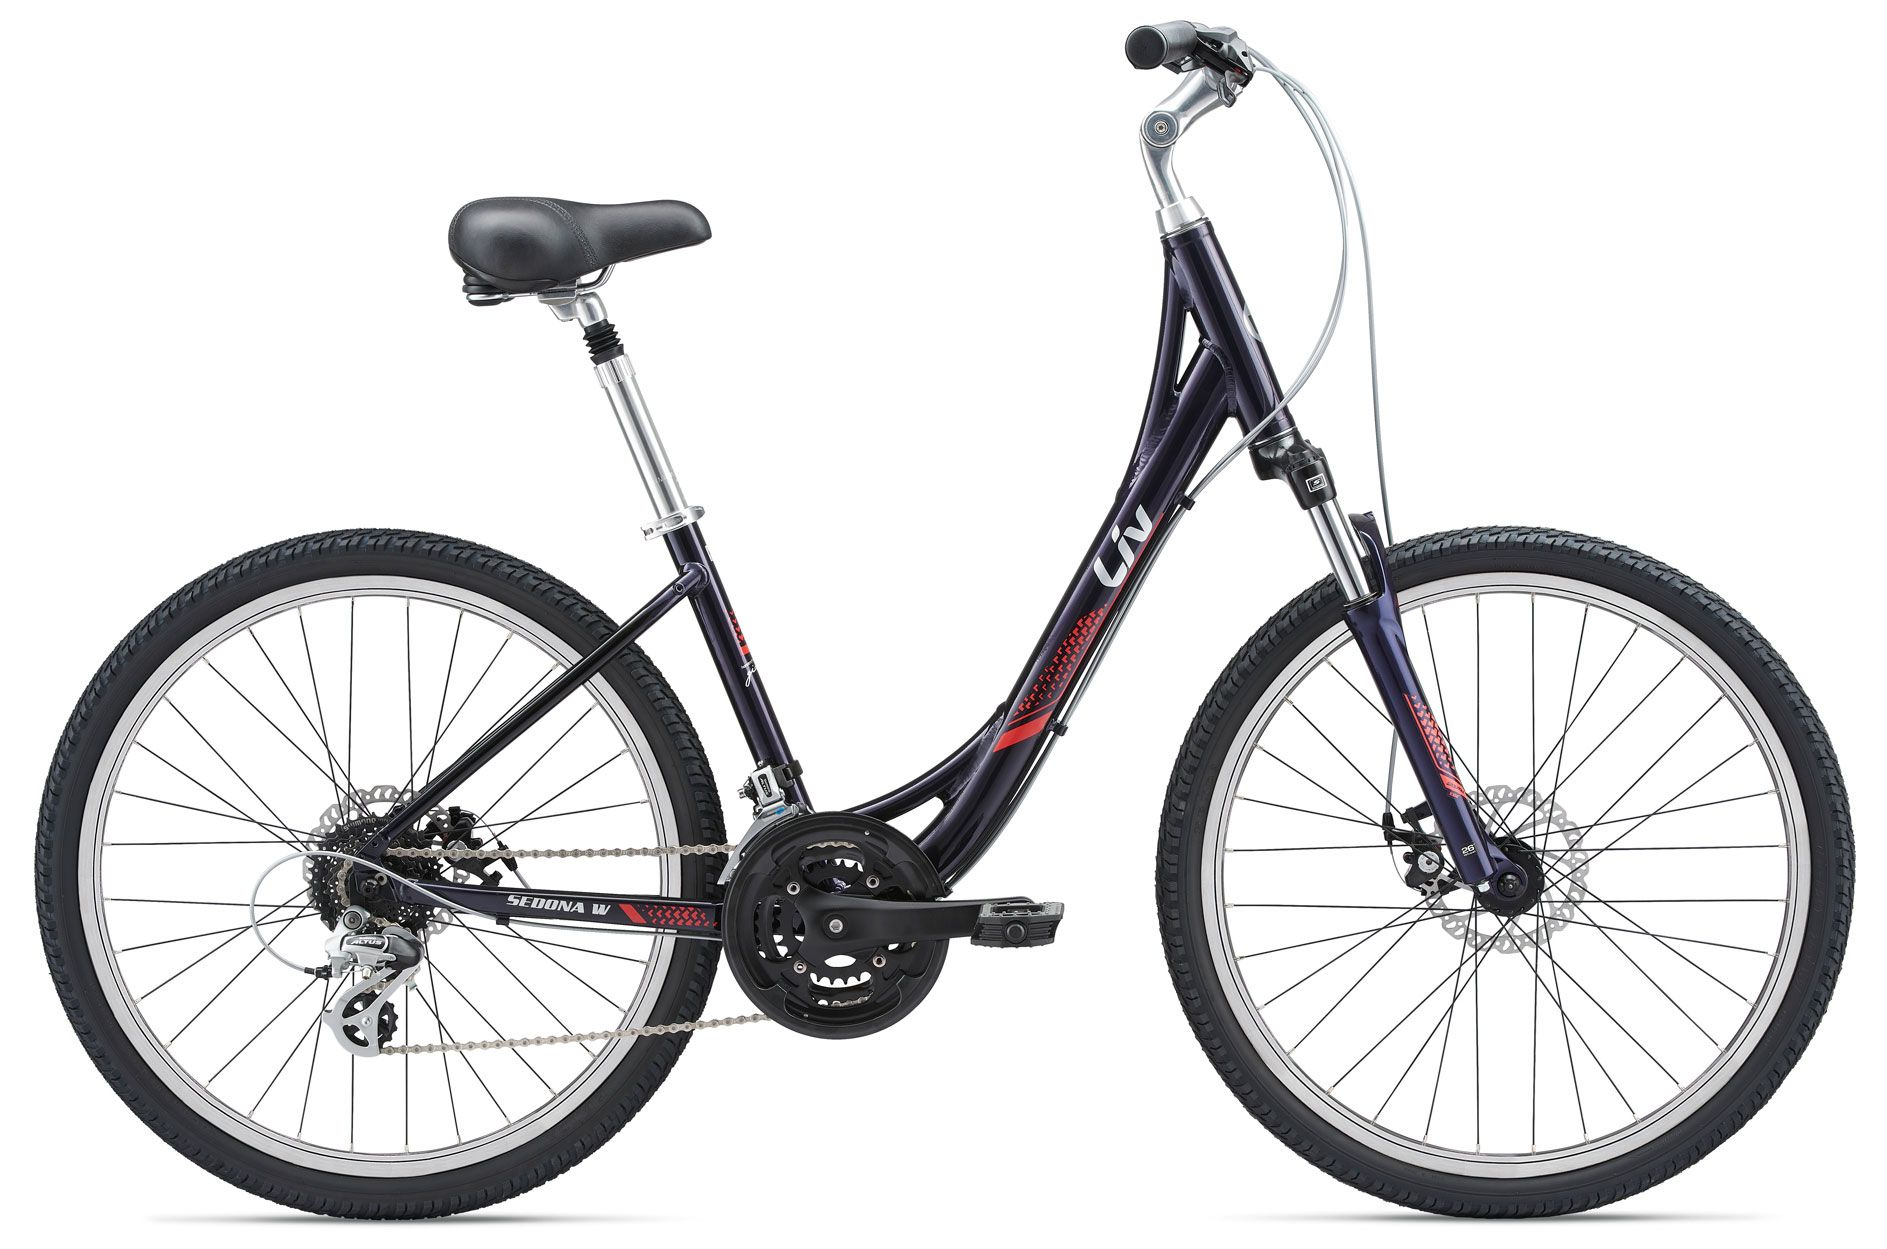 Велосипед Giant Sedona DX W 2018 велосипед giant tcr advanced 2 compact 2013